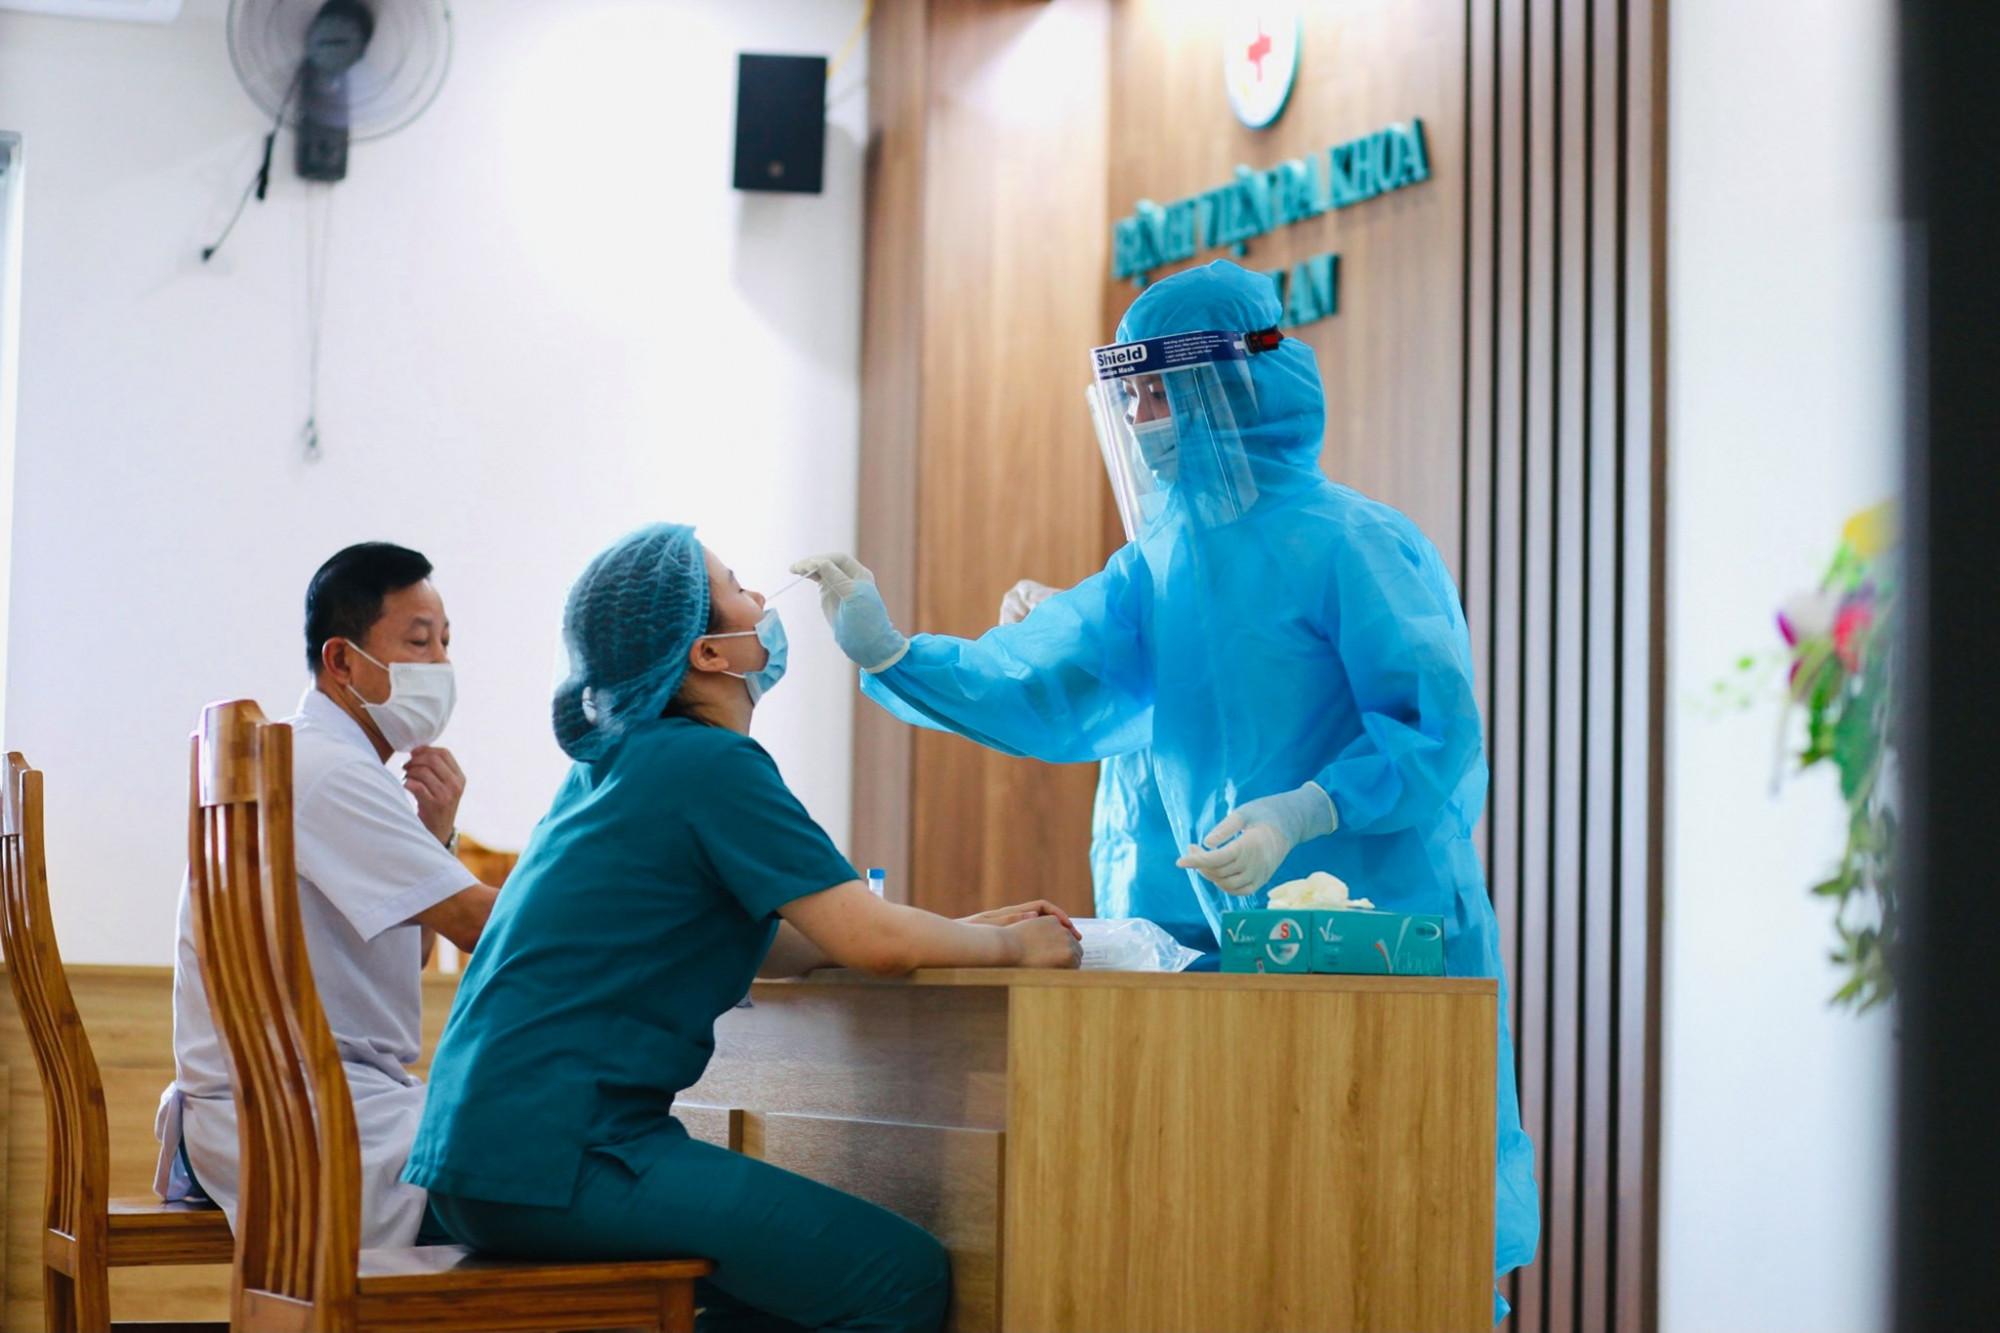 Bệnh viện đa khoa Minh An lấy mẫu xét nghiệm định kỳ cho nhân viên bệnh viện